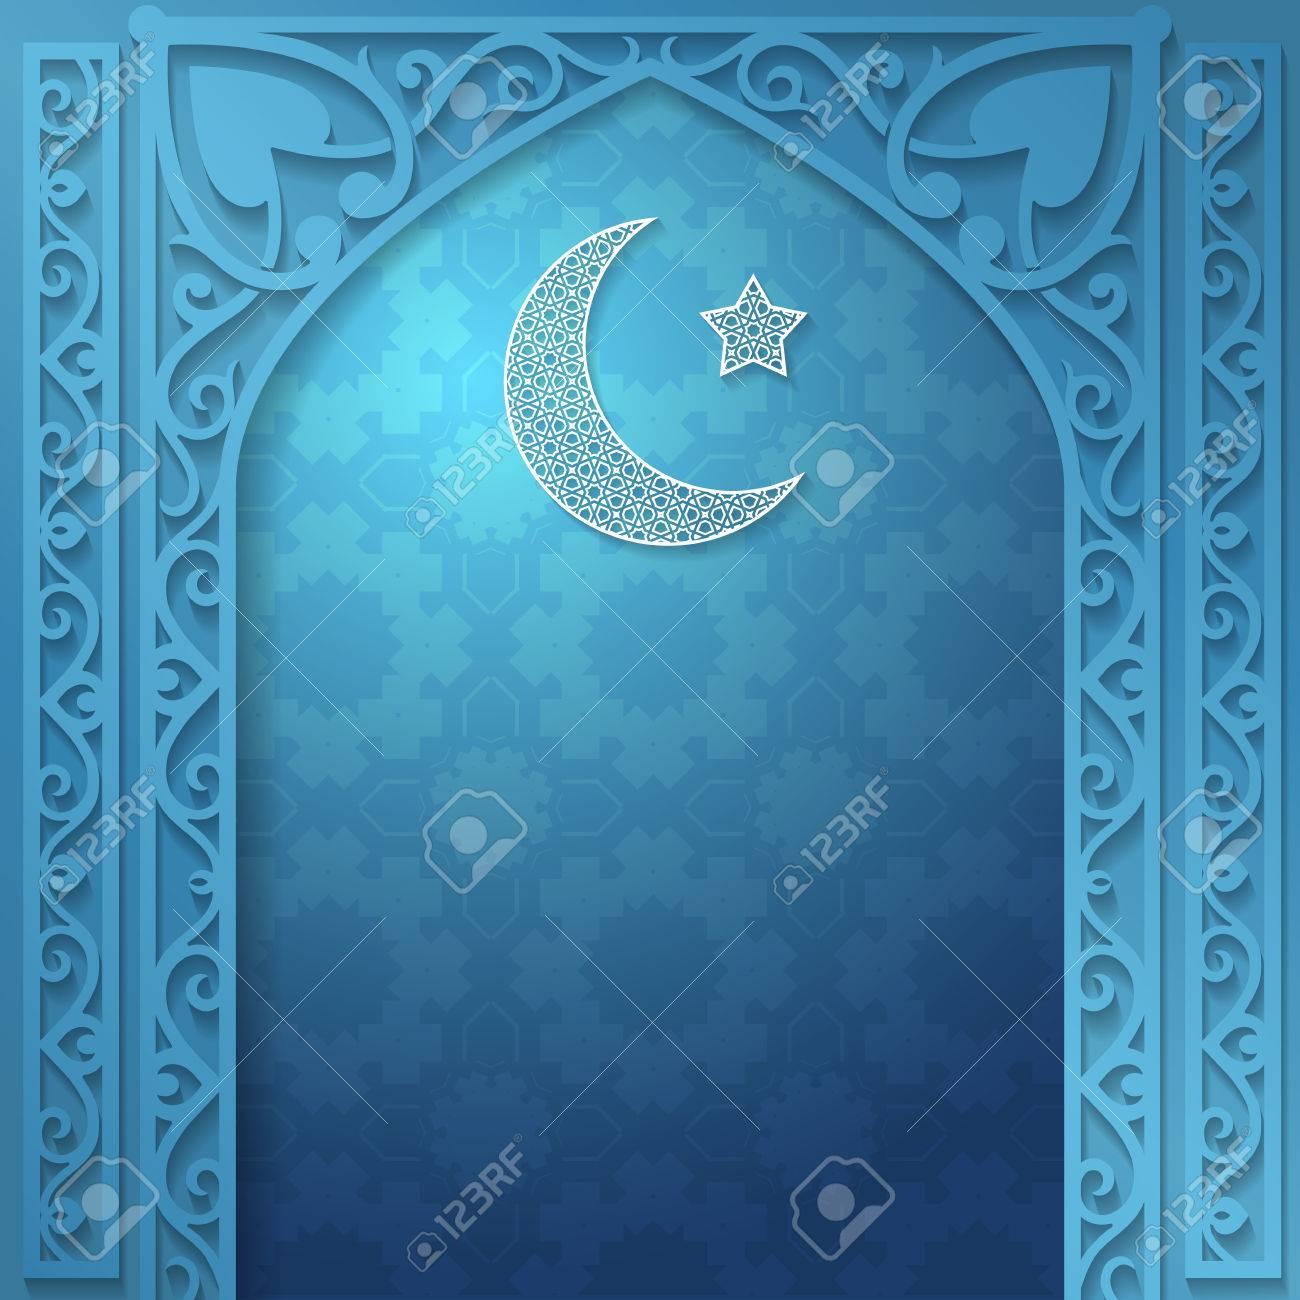 e9caa2602b1a50 Vector - Vector islamic ethnic invitation design or background. Blue color